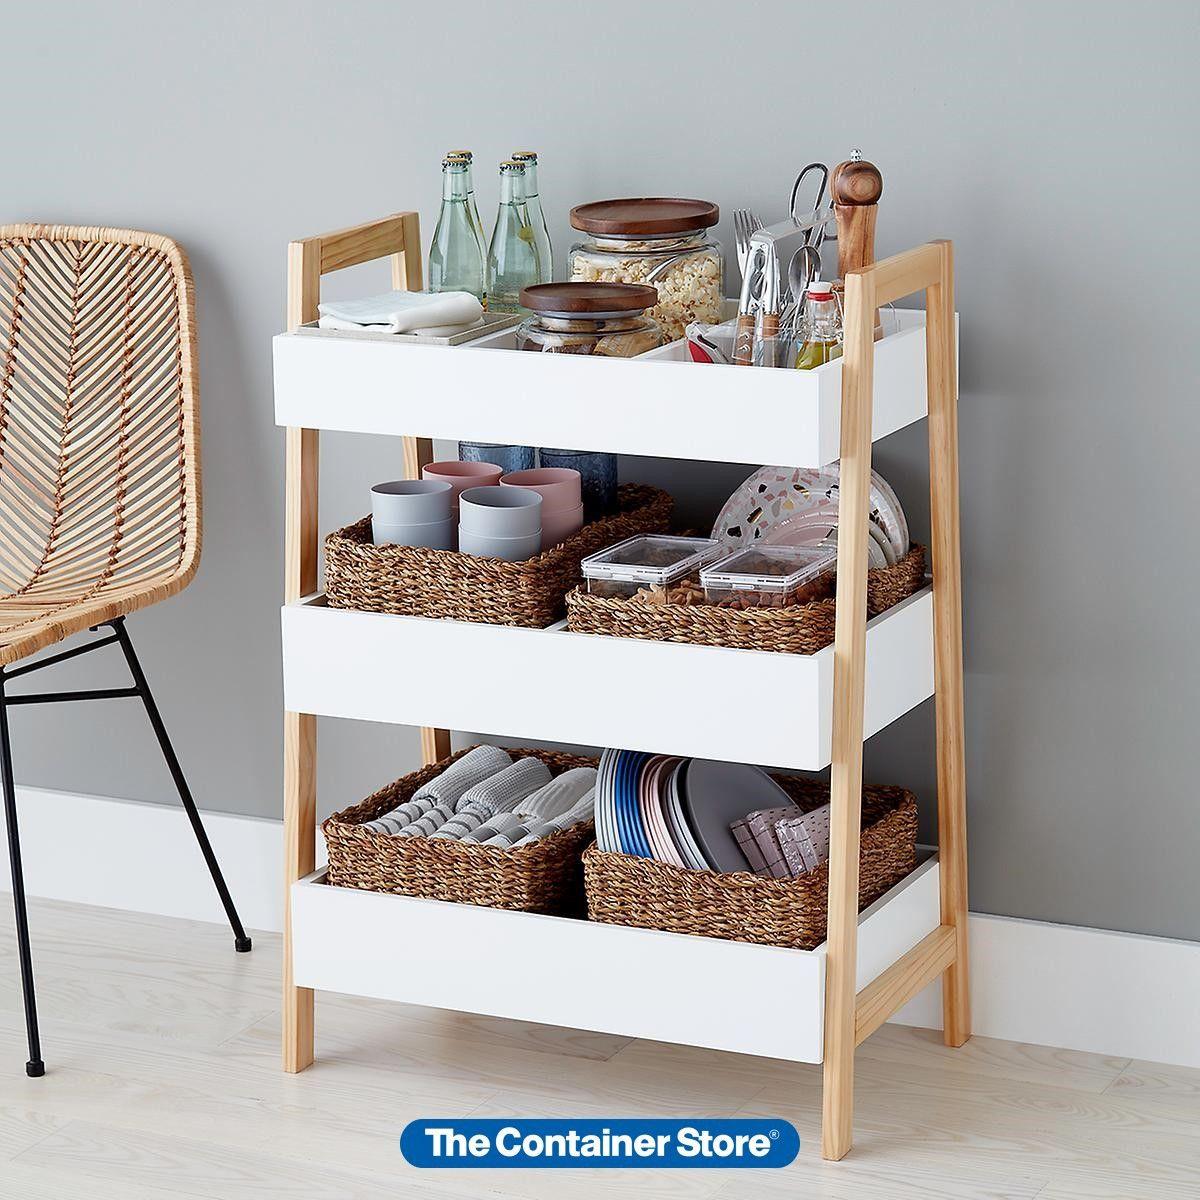 White Multi Purpose 3 Tier Shelf In 2020 Shelves Wall Shelves